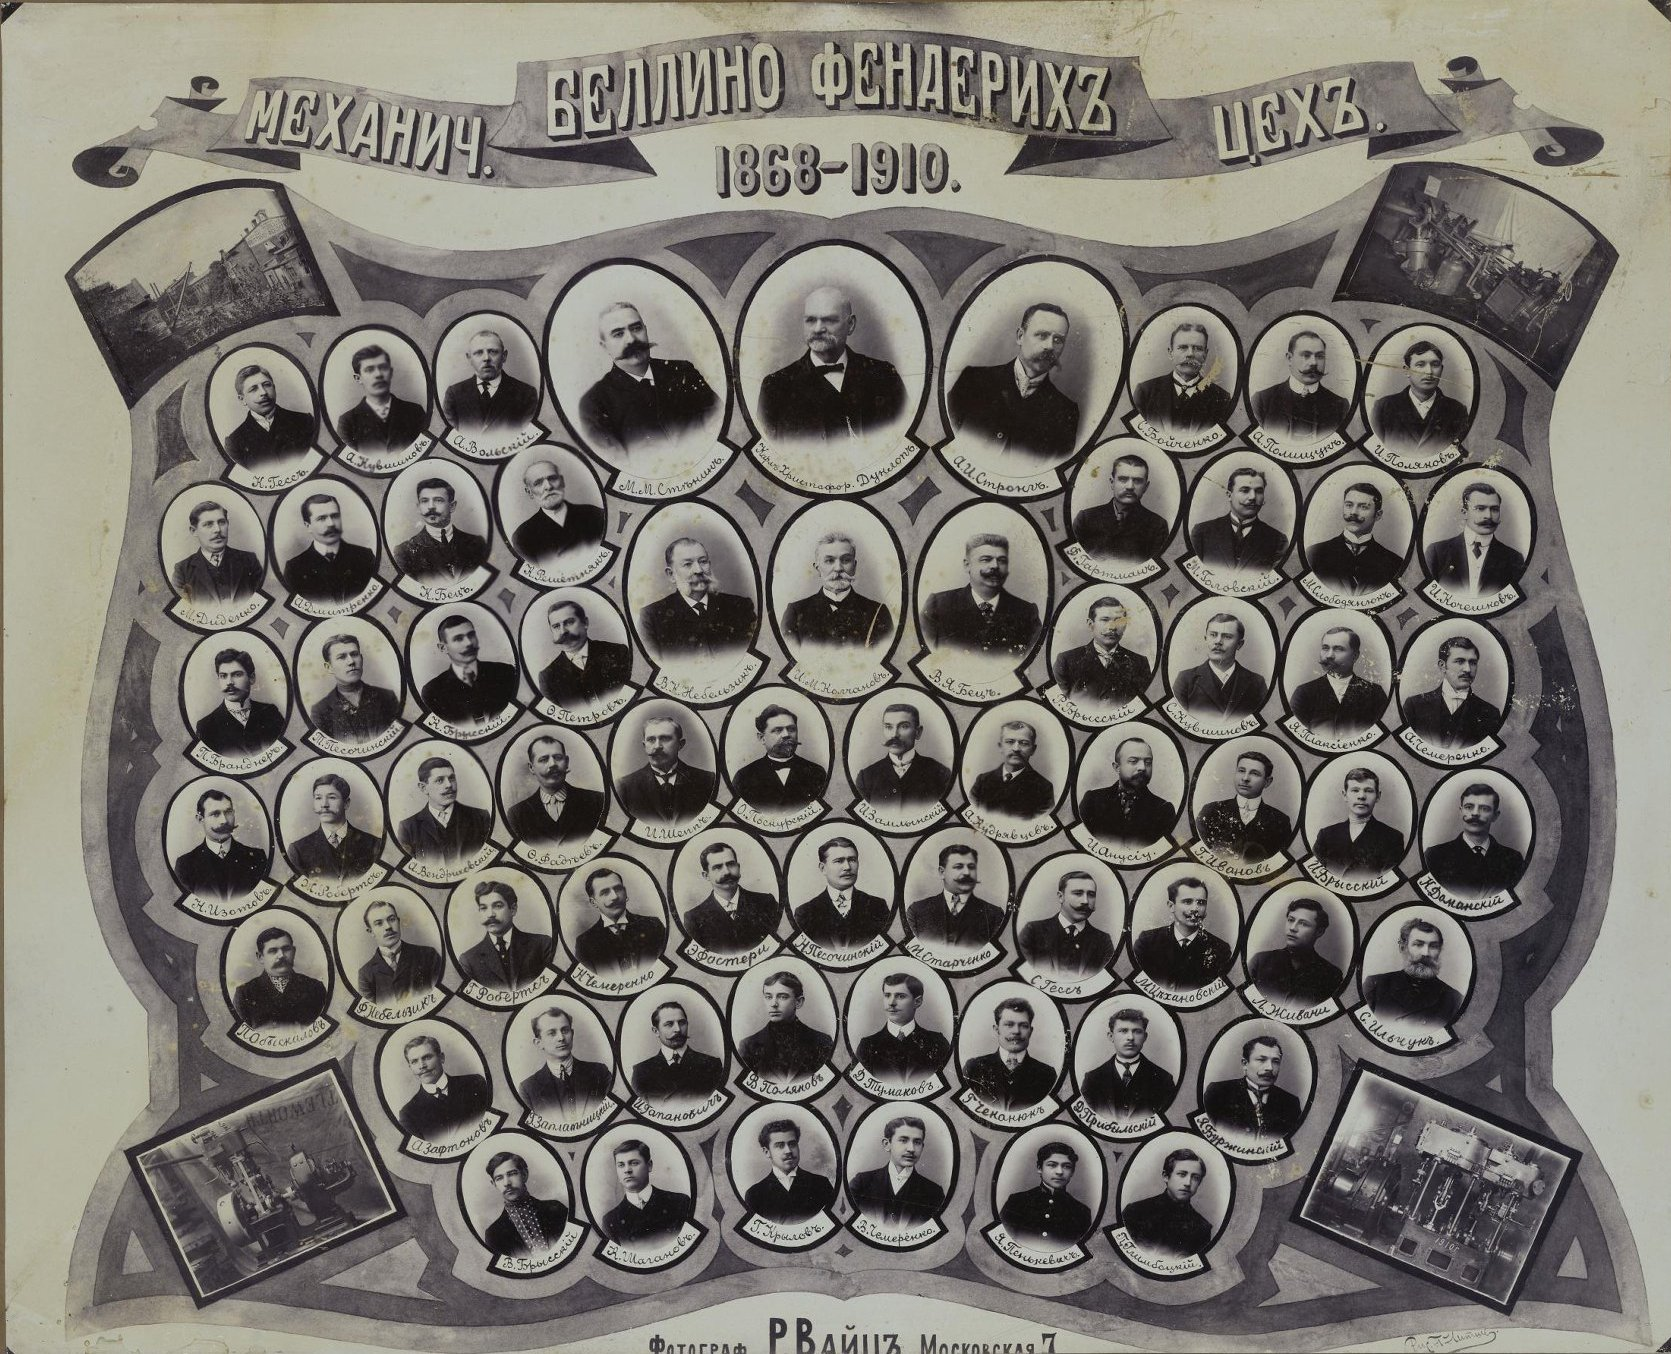 Рабочие и административные работники механического цеха завода Беллино-Фендериха. Вайц Р., Нитше П. 6 декабря 1910